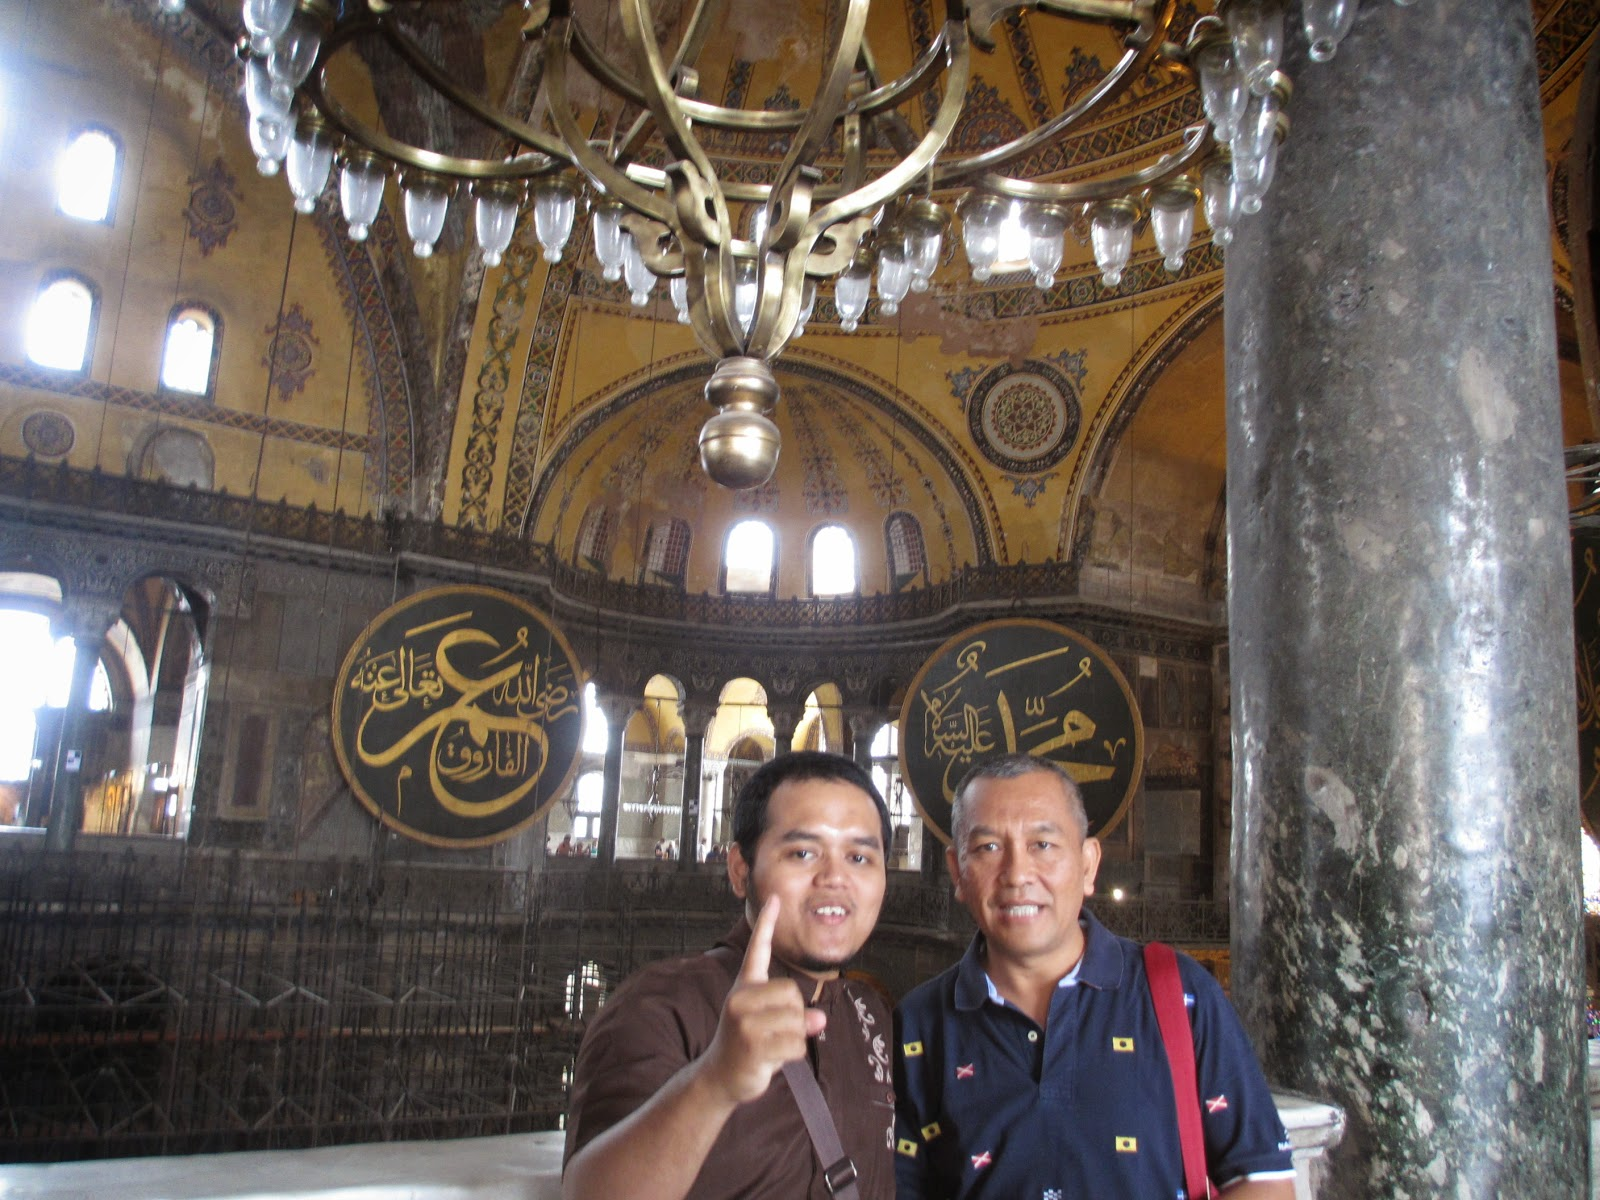 Travel Umroh Ramadhan 2015 Terbaik Bagus dan Terpercaya